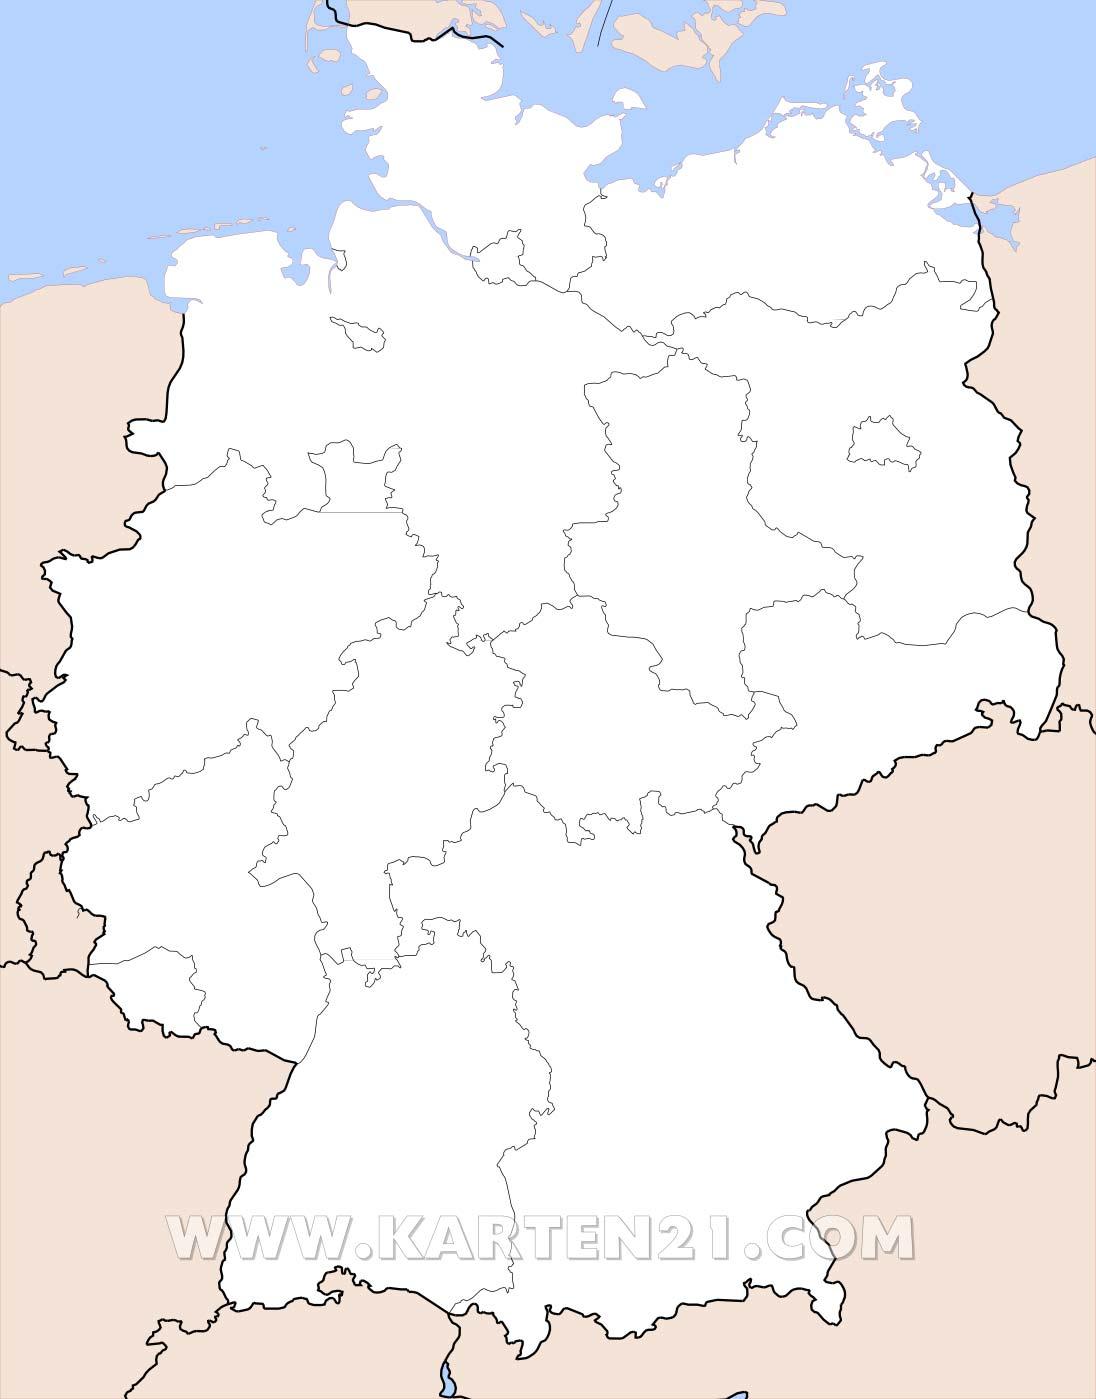 TN Deutschland - Der Tourismus Newsletter für Deutsche Touristiker - Bundesrepublik Deutschland Bundesländer Karte